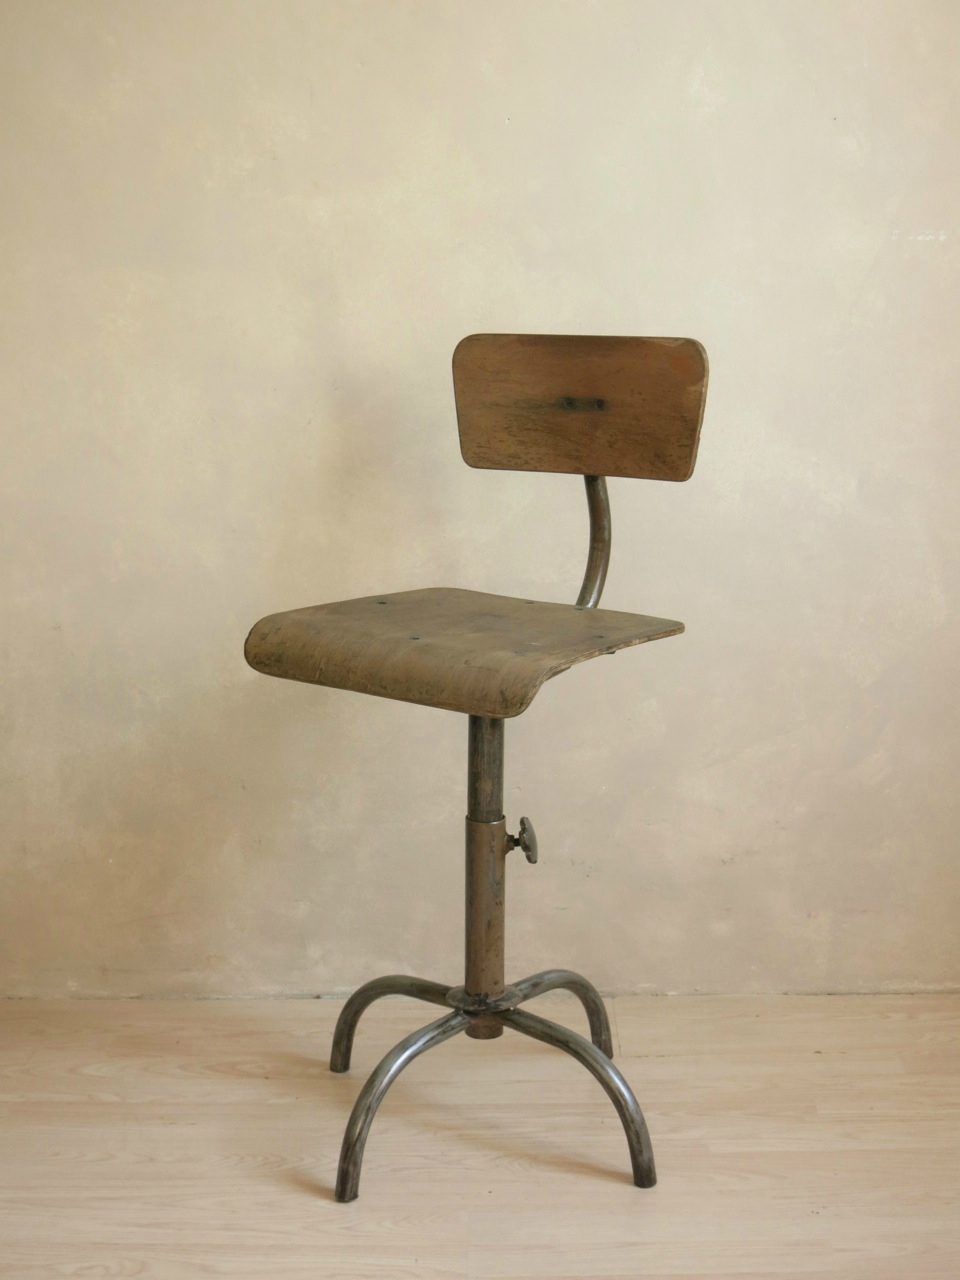 Siège devant la chaise